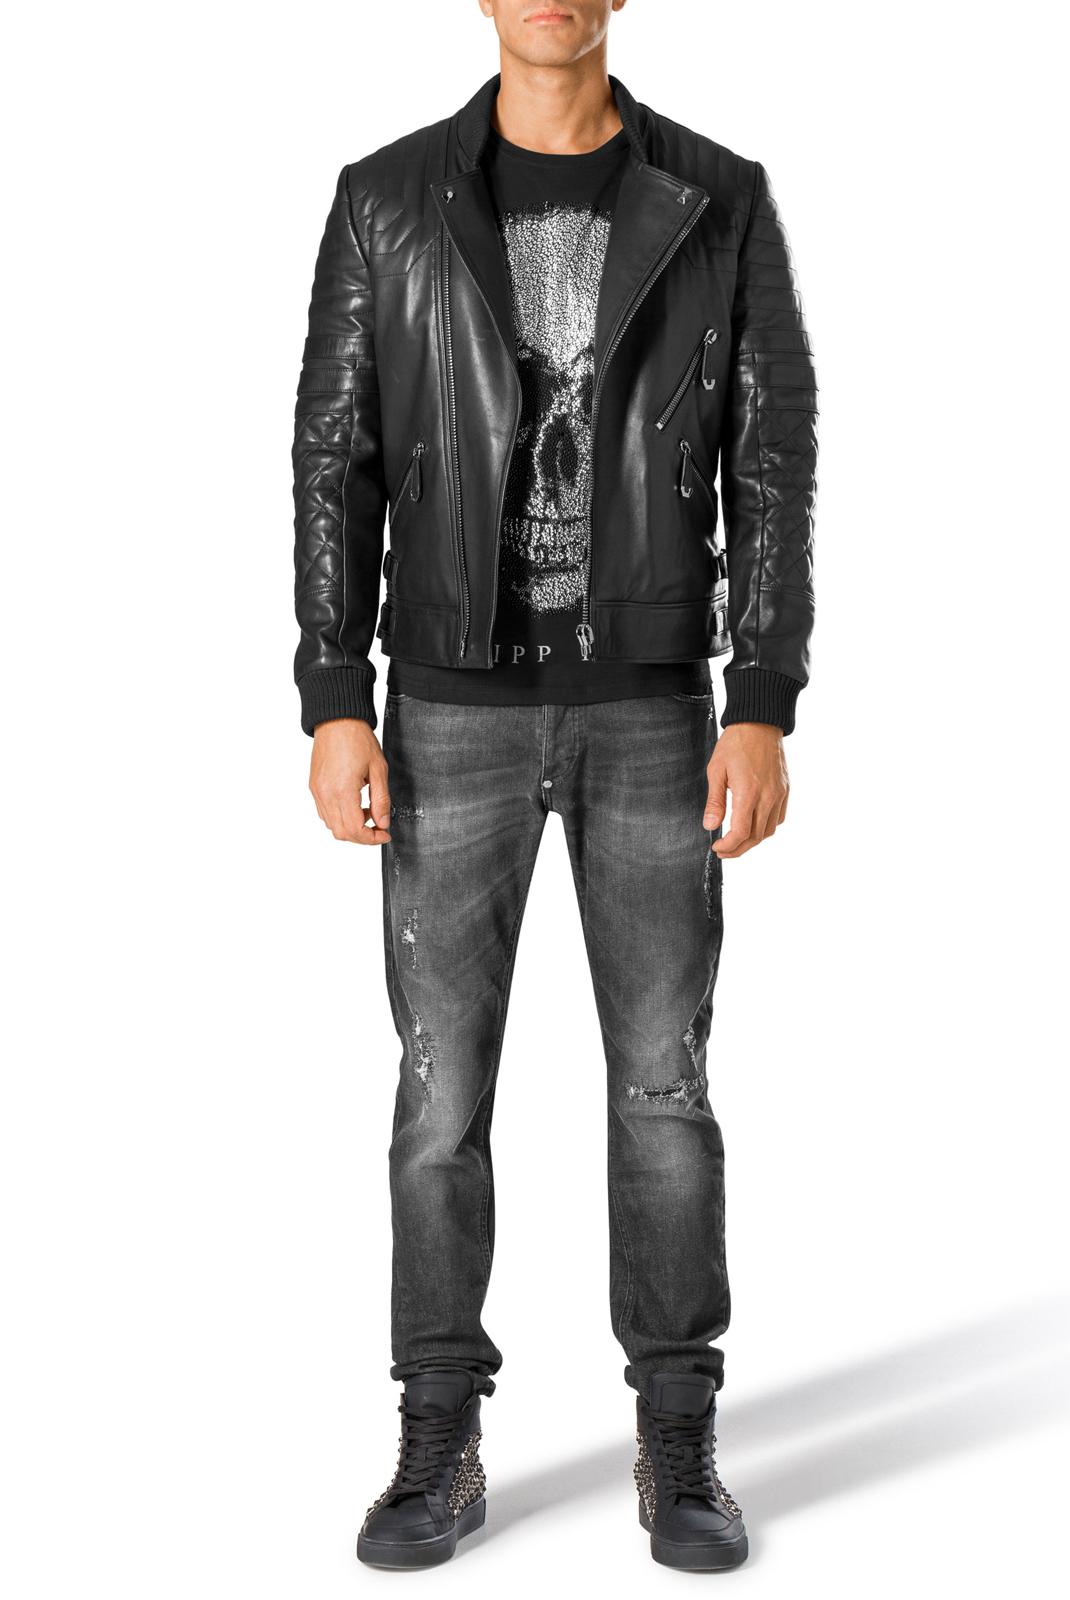 Homme  Philipp plein MDT0296 02NI noir